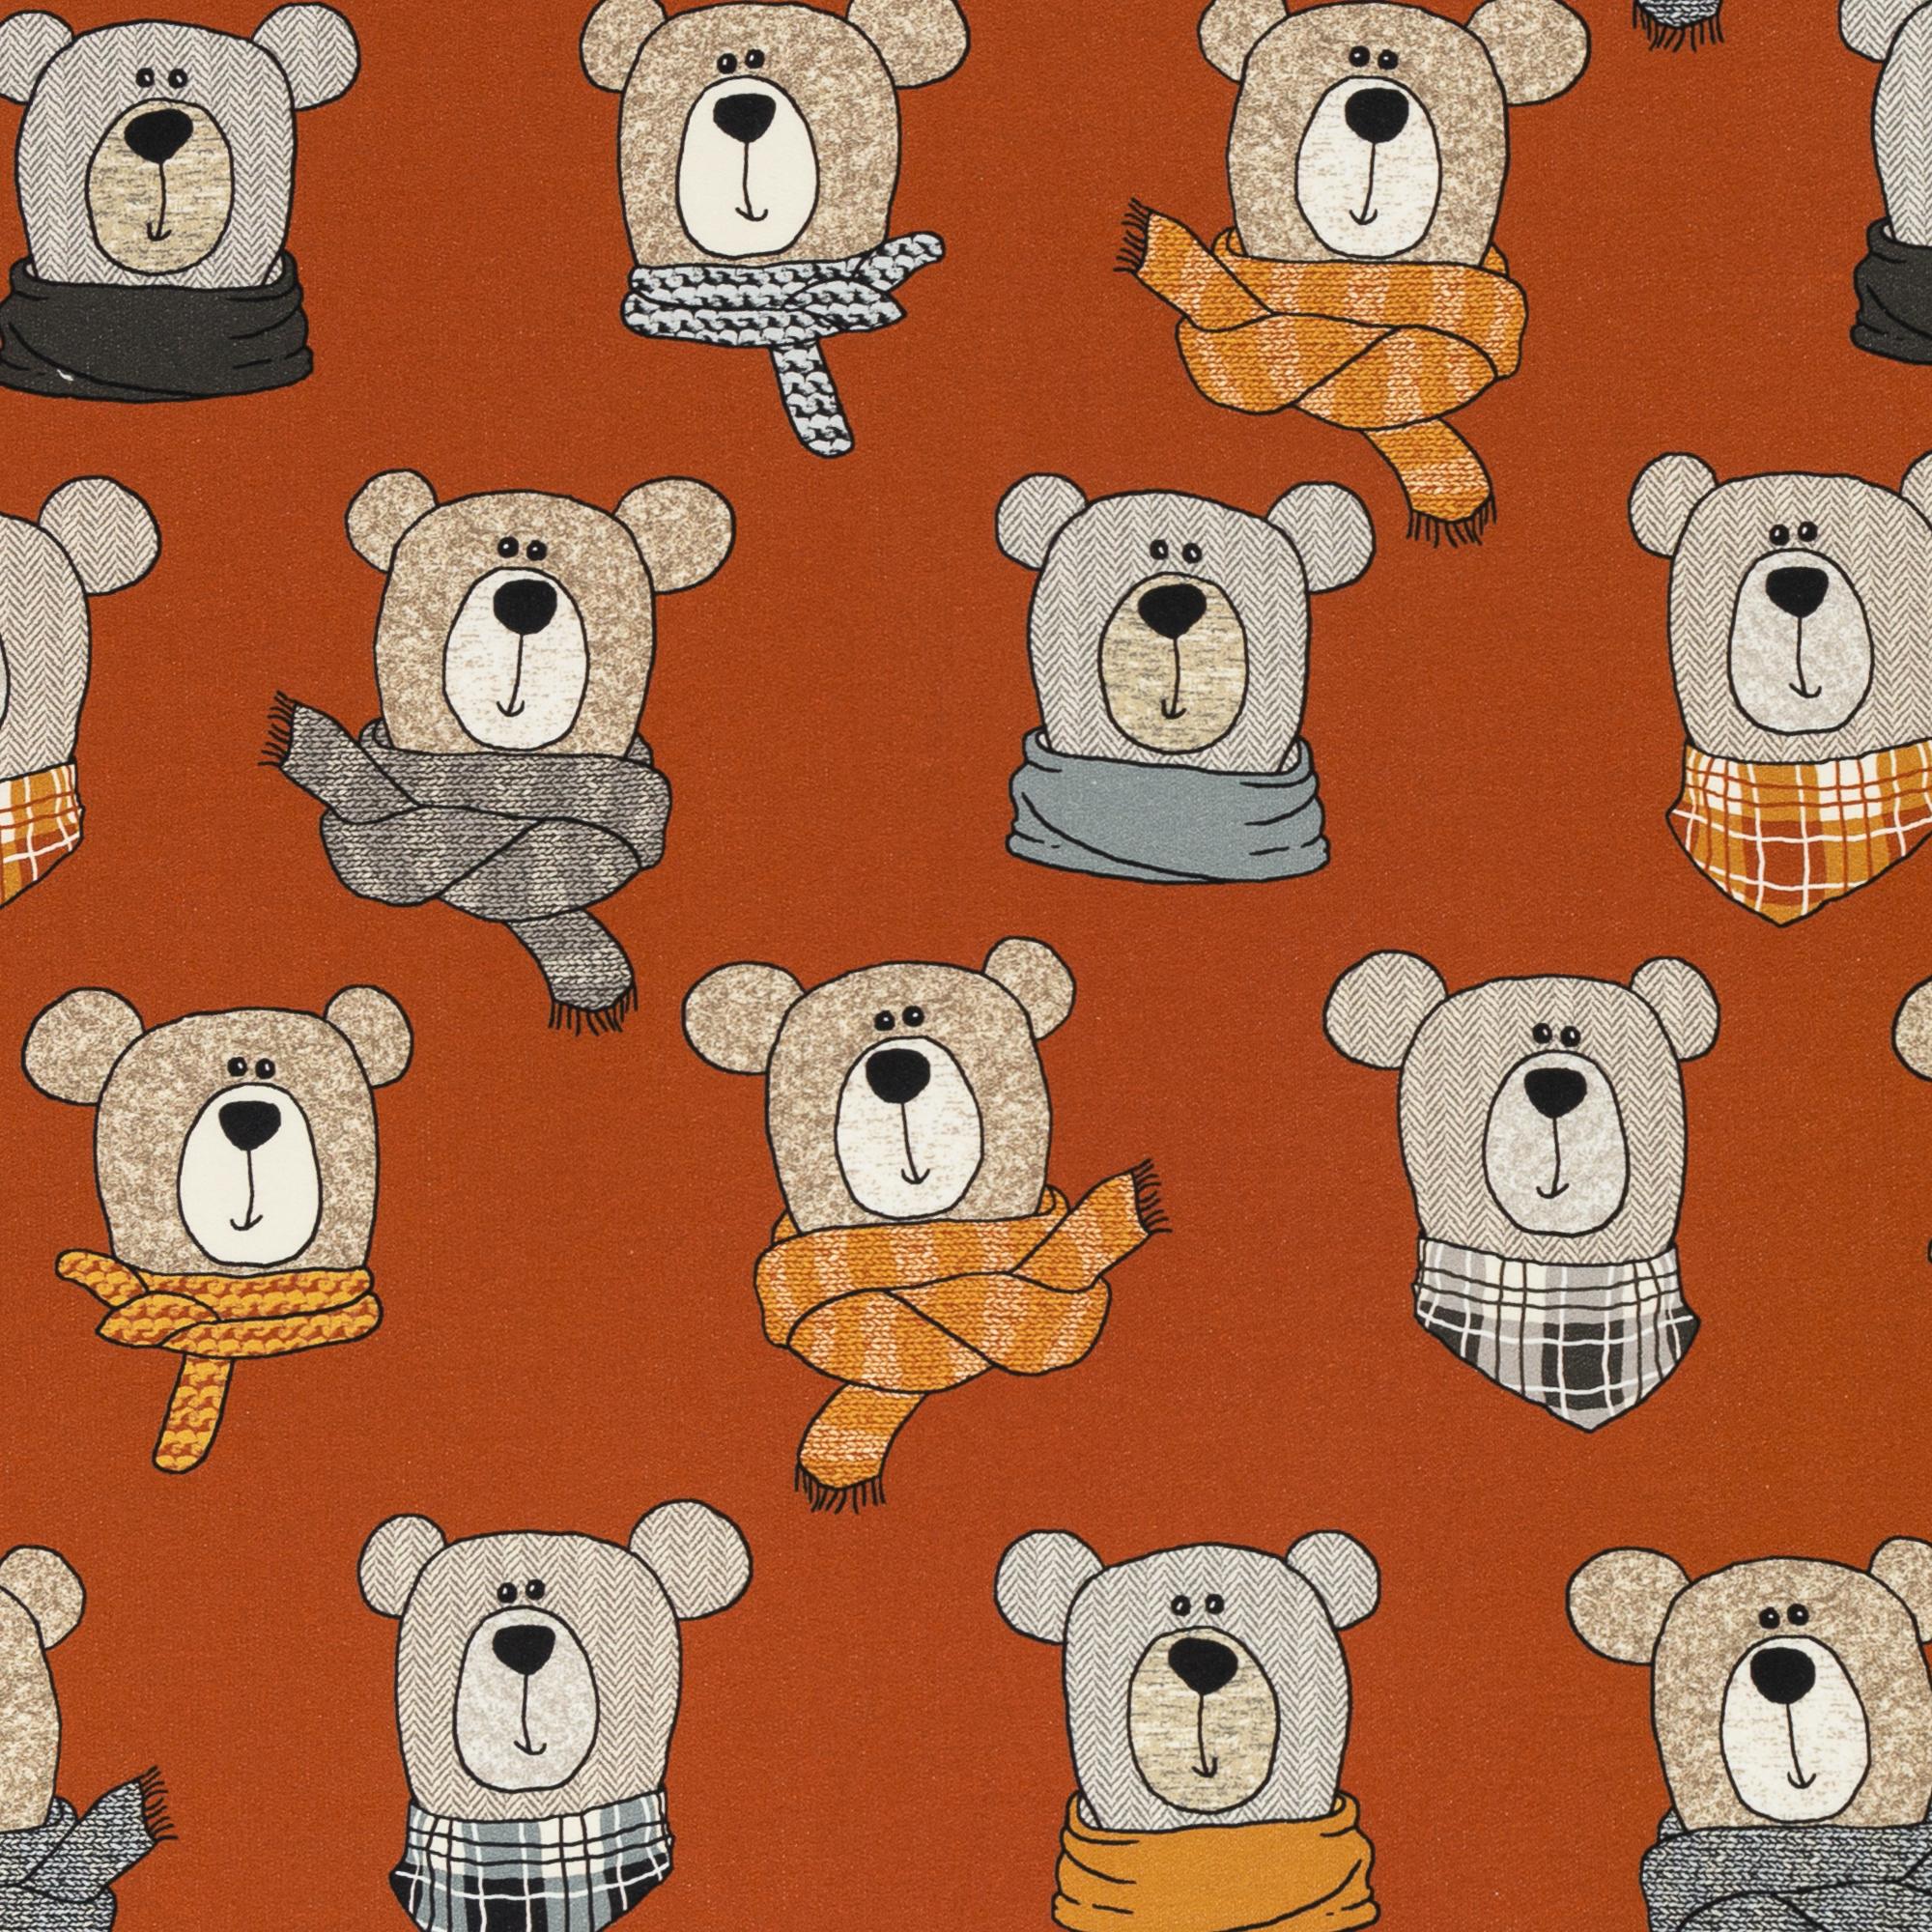 French Terry - Sommersweat - Swafing - Sweet Bears - Bärchen mit Schal auf Rost